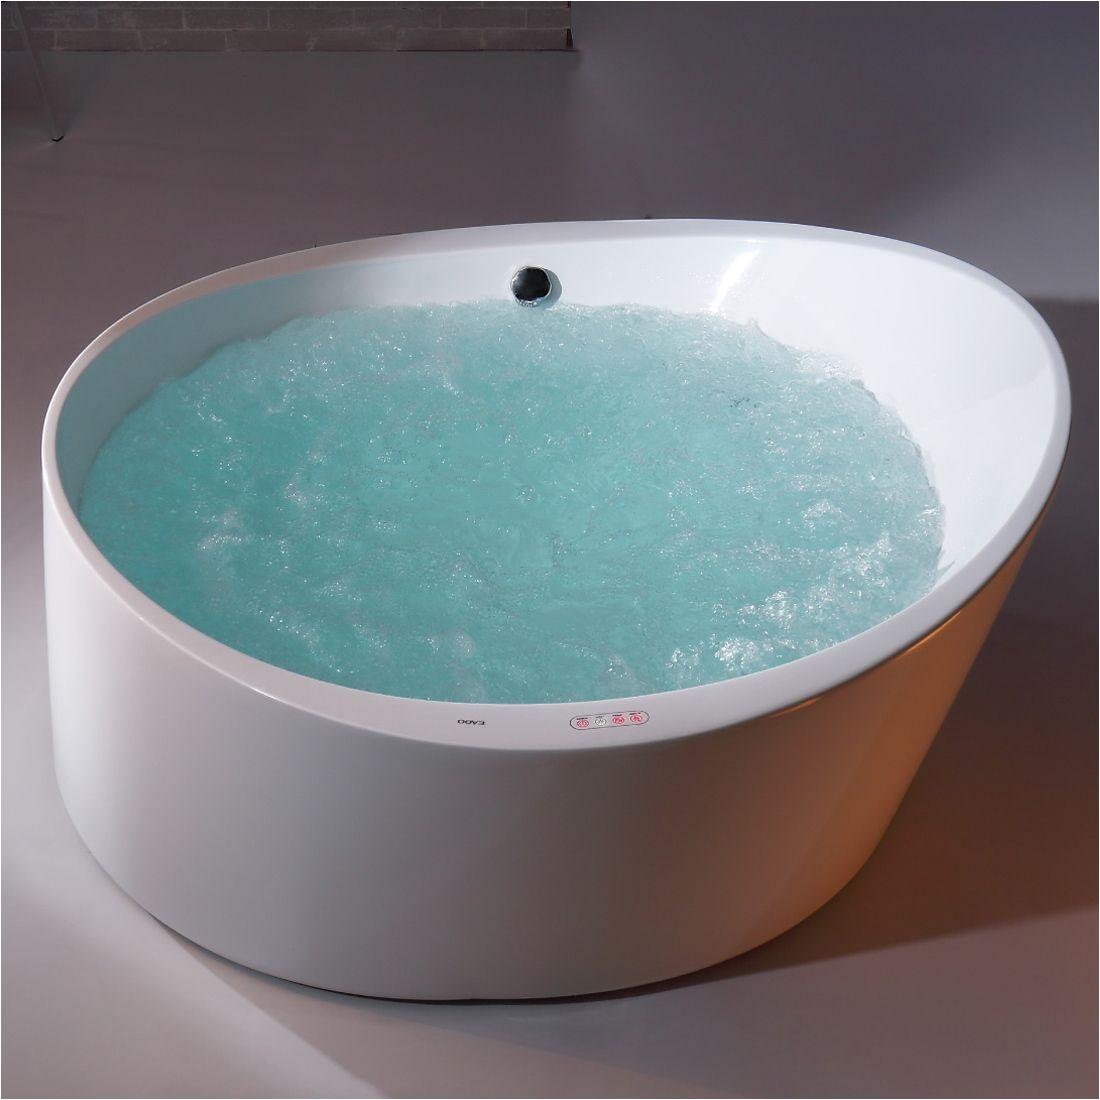 eago am2130 66 inch round free standing acrylic air bubble bathtub acrylic